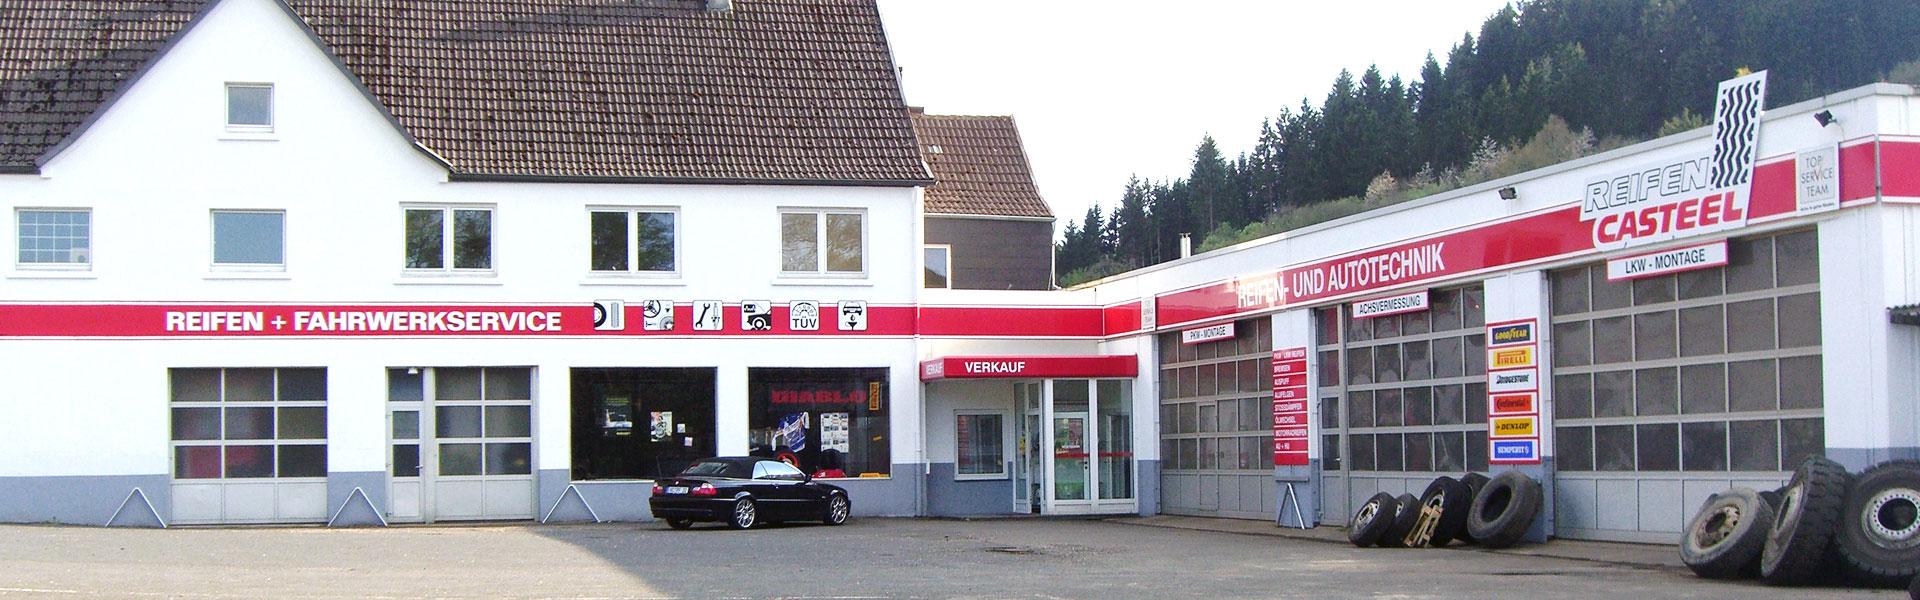 ReifenCasteel-Seitenimage-Heinsberg-ret